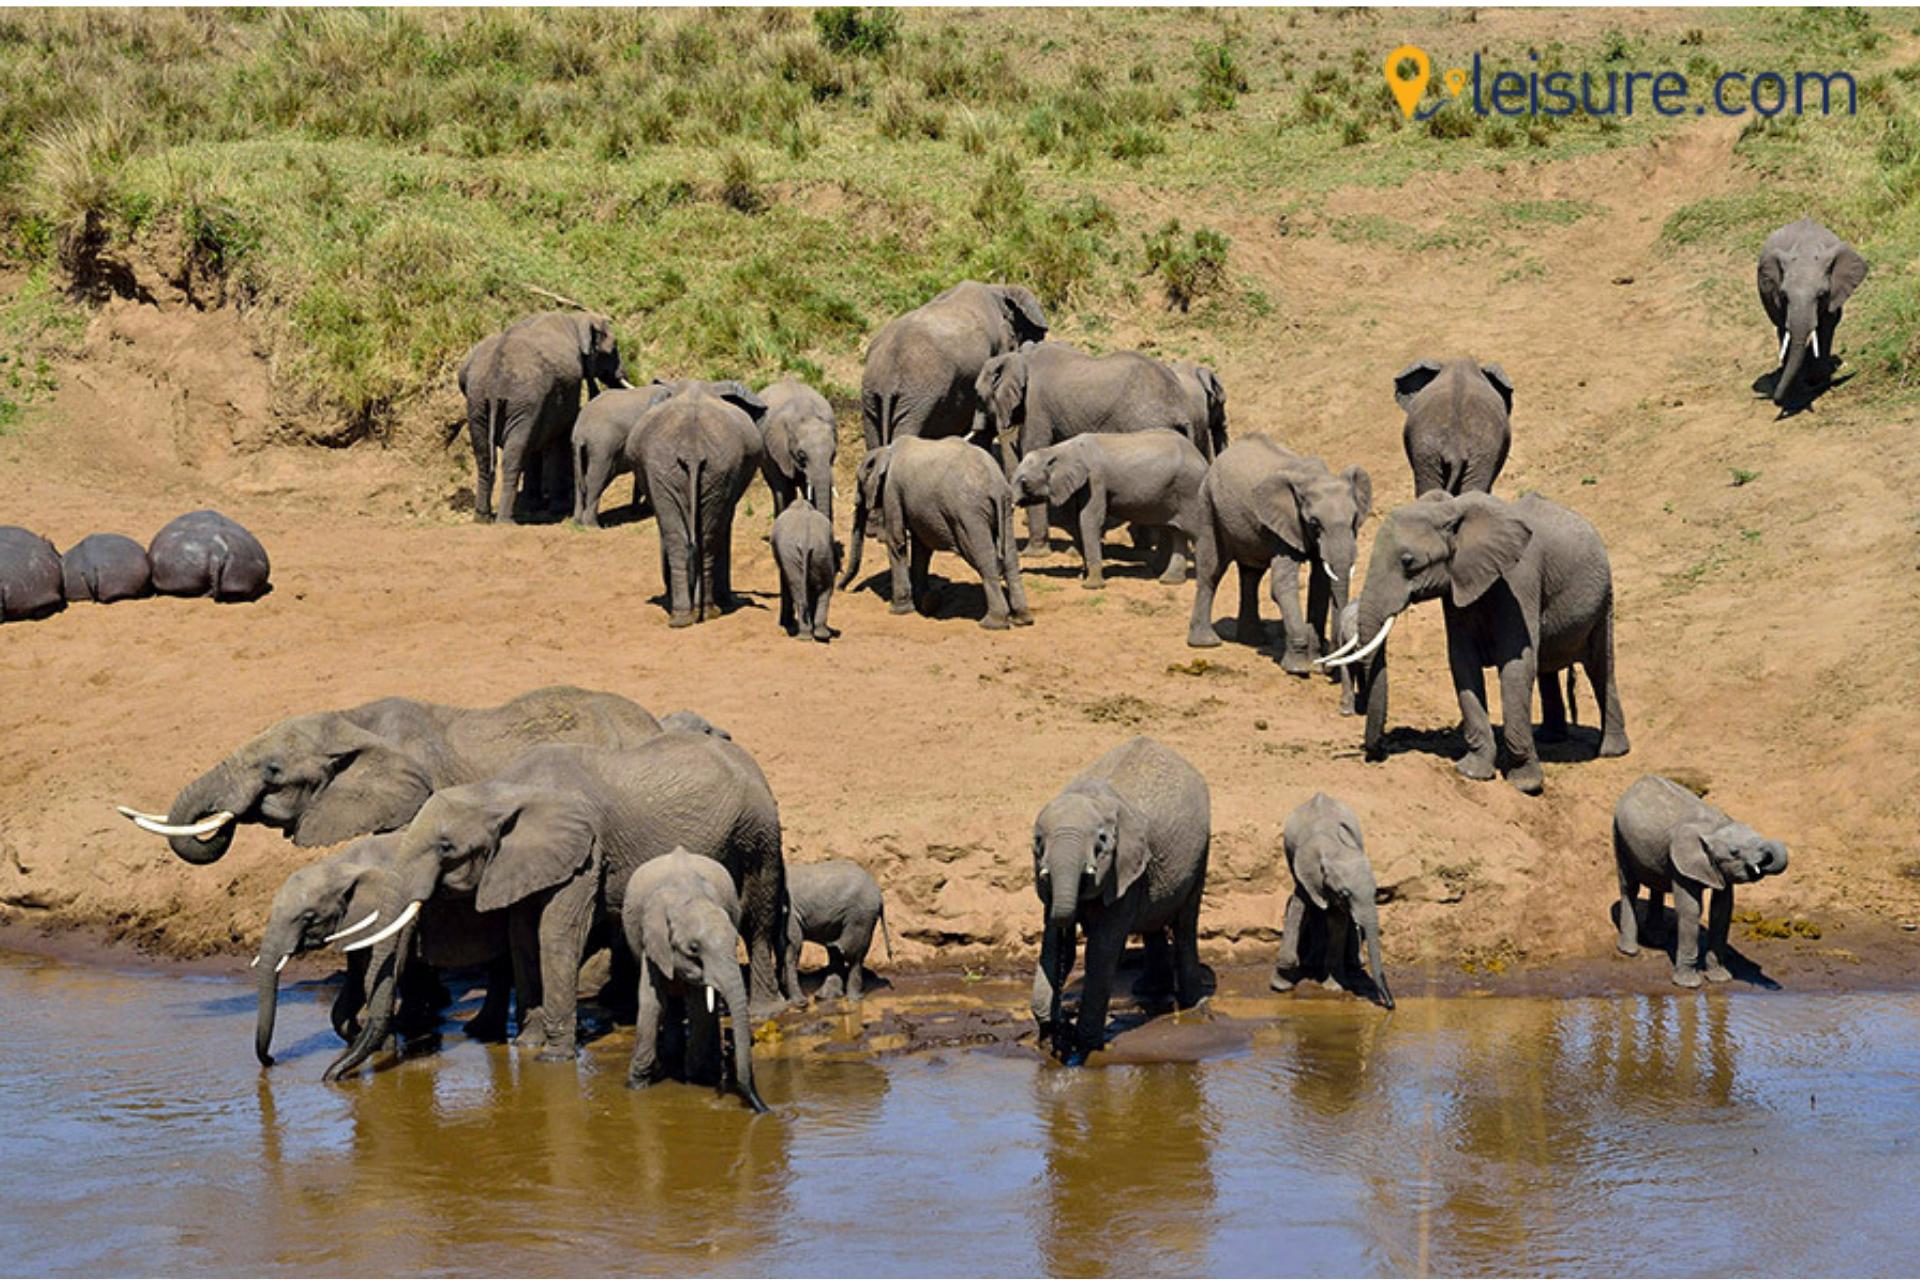 Botswana elephant image